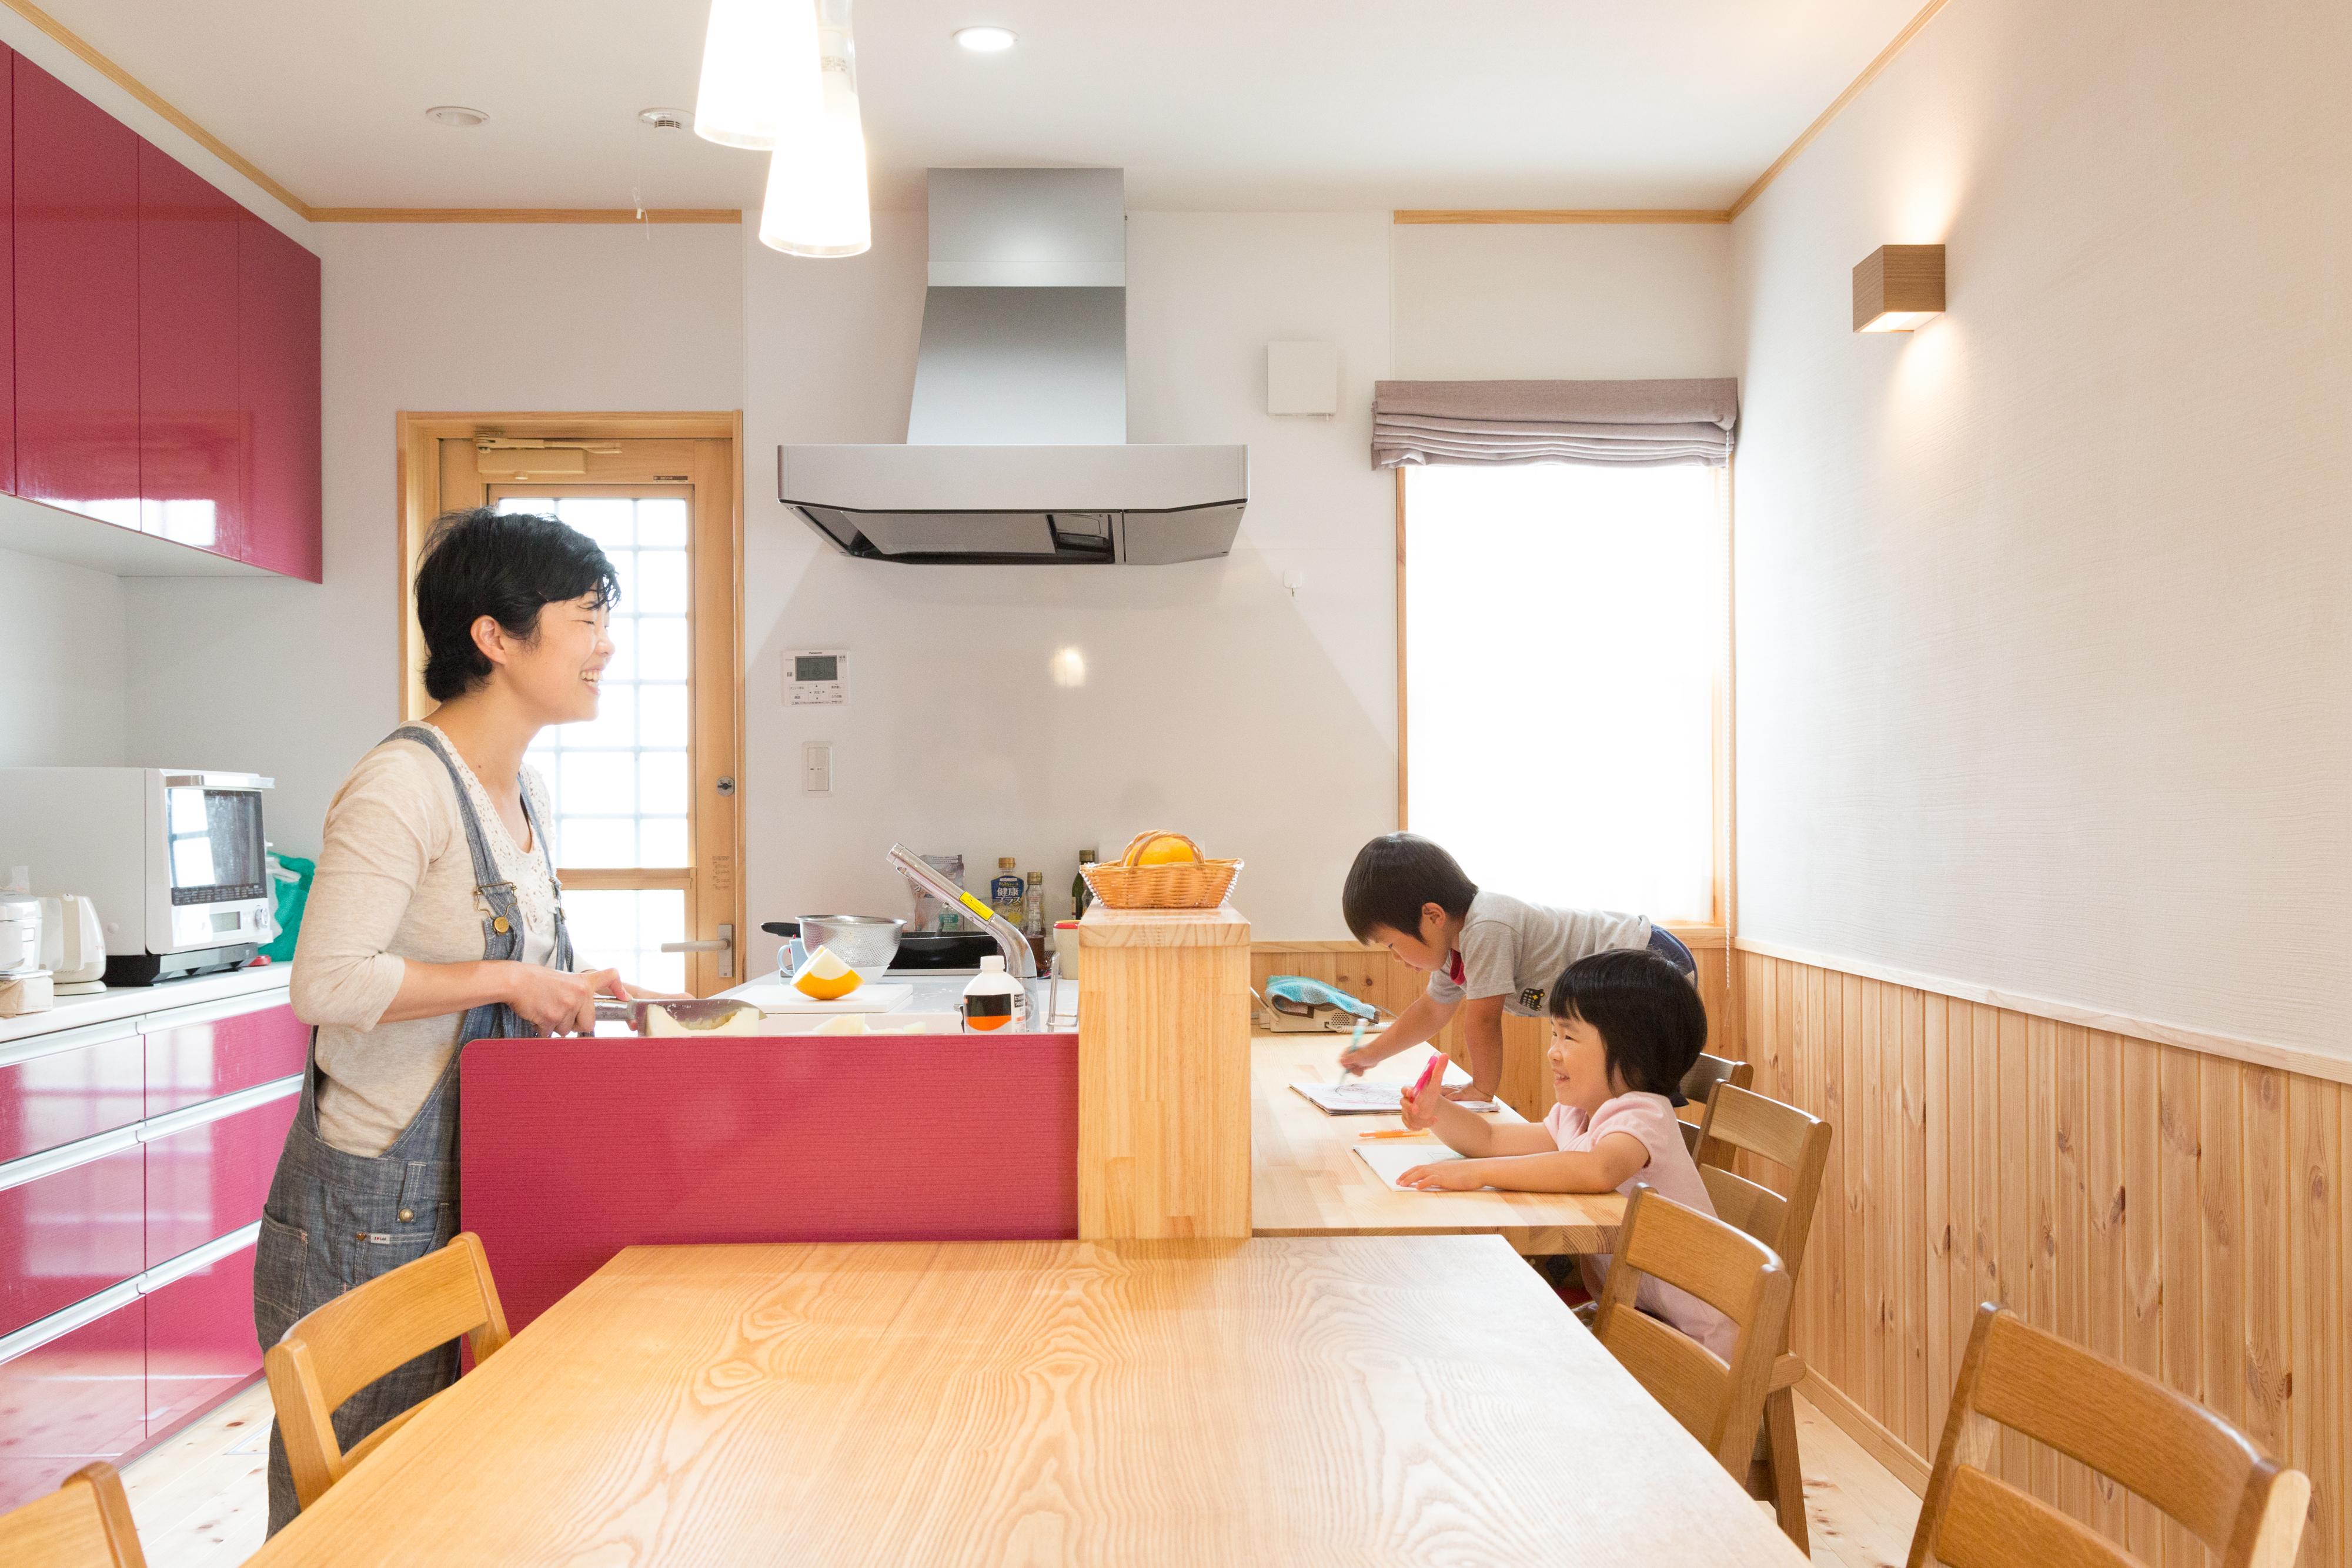 河合工務店【子育て、自然素材、間取り】こだわりのキッチンにはいつも家族の笑い声が響いている。家族の笑顔で家事もはかどる